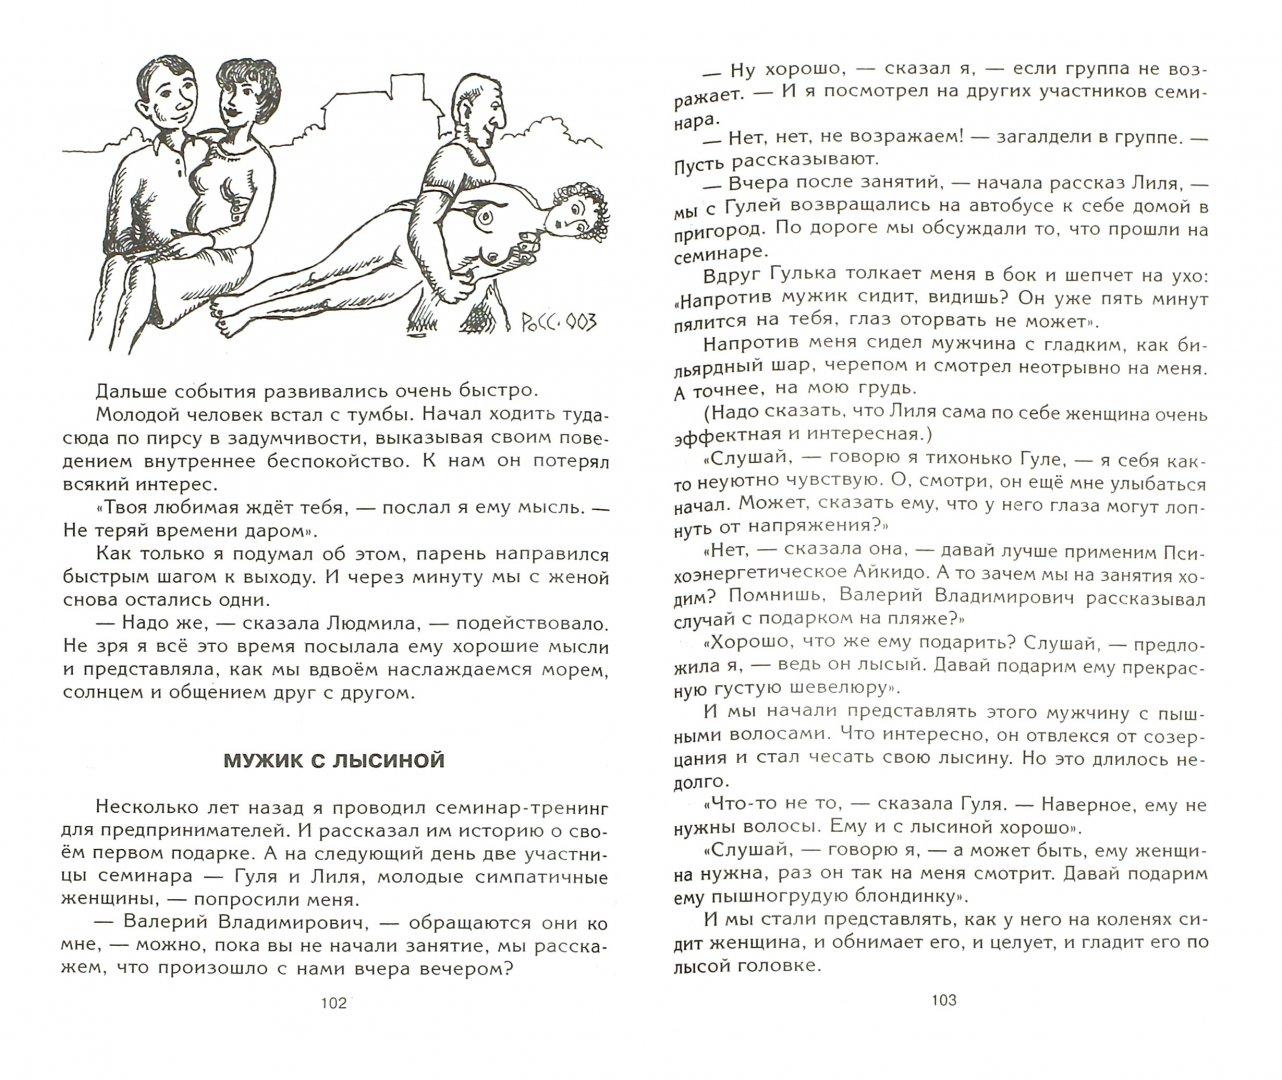 Иллюстрация 1 из 6 для Прививка от стресса. Как стать хозяином своей жизни - Валерий Синельников | Лабиринт - книги. Источник: Лабиринт